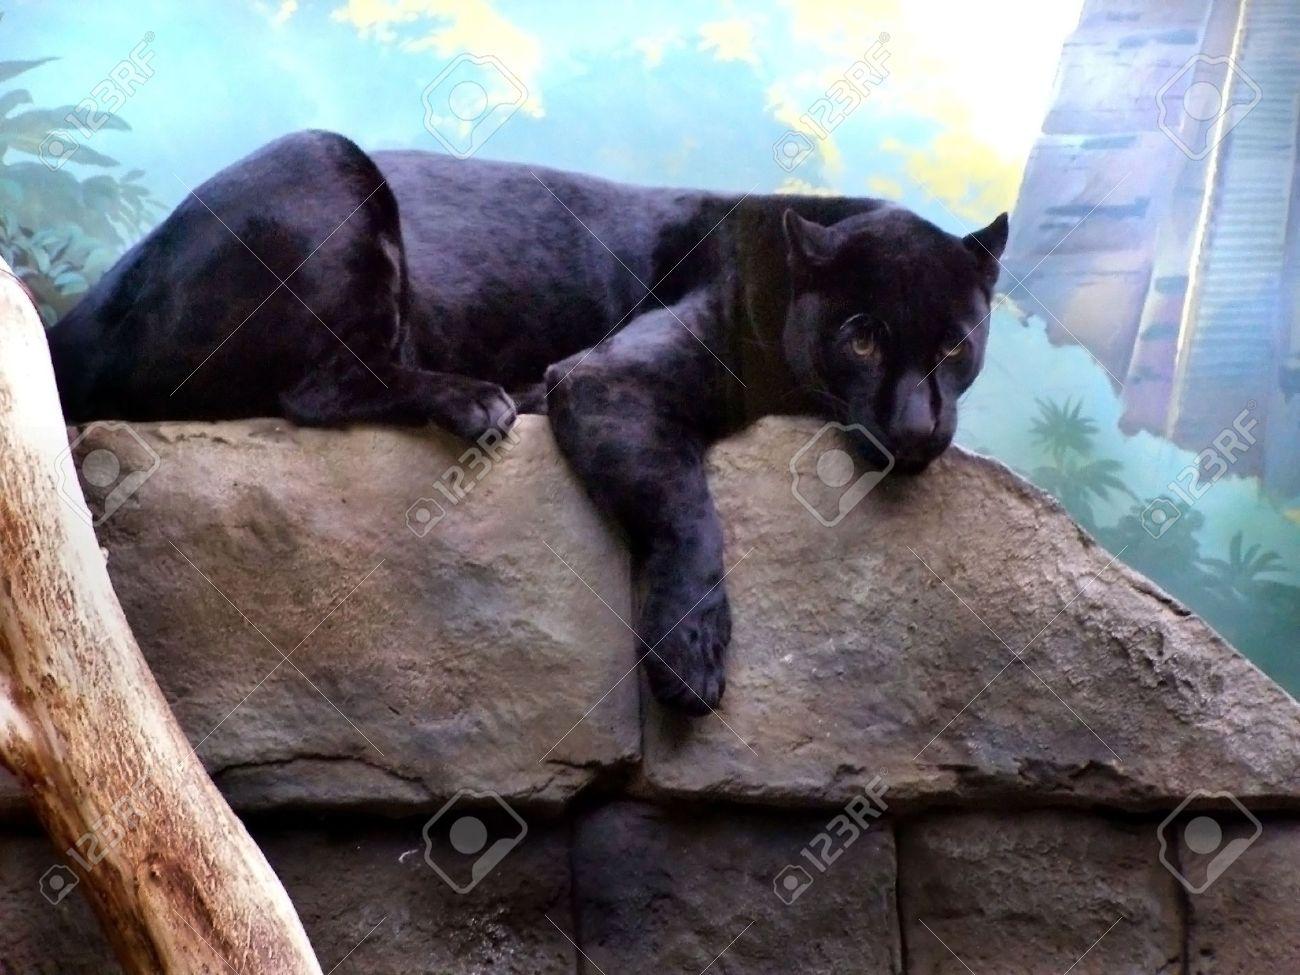 black panther, panther, black, wild mammal - 2057655